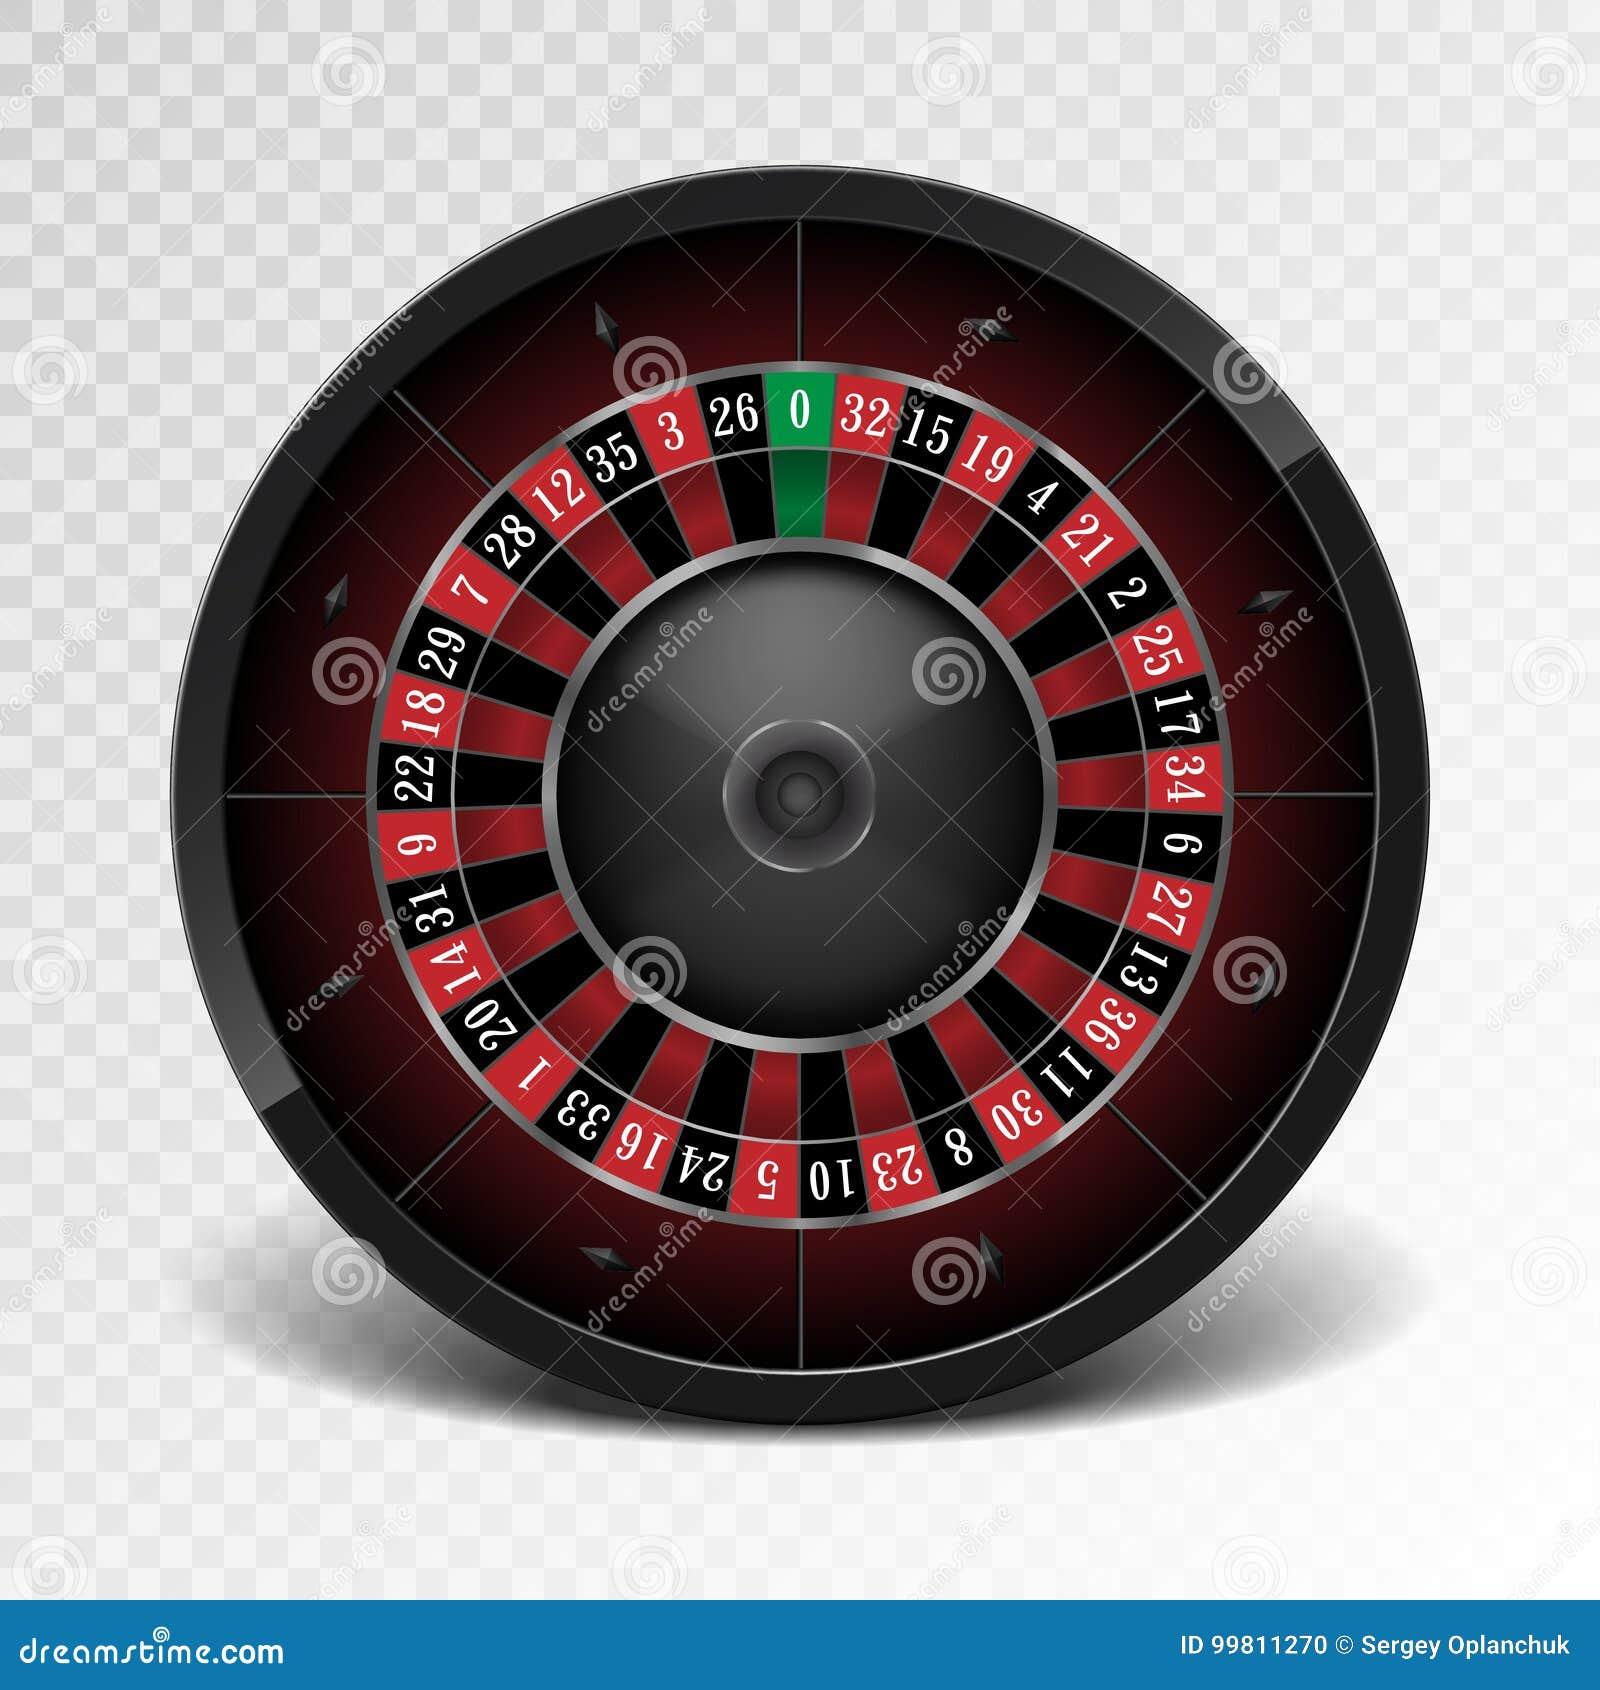 在透明背景的现实黑赌博娱乐场轮盘赌的赌轮 美国赌博的轮盘赌的赌轮 向量